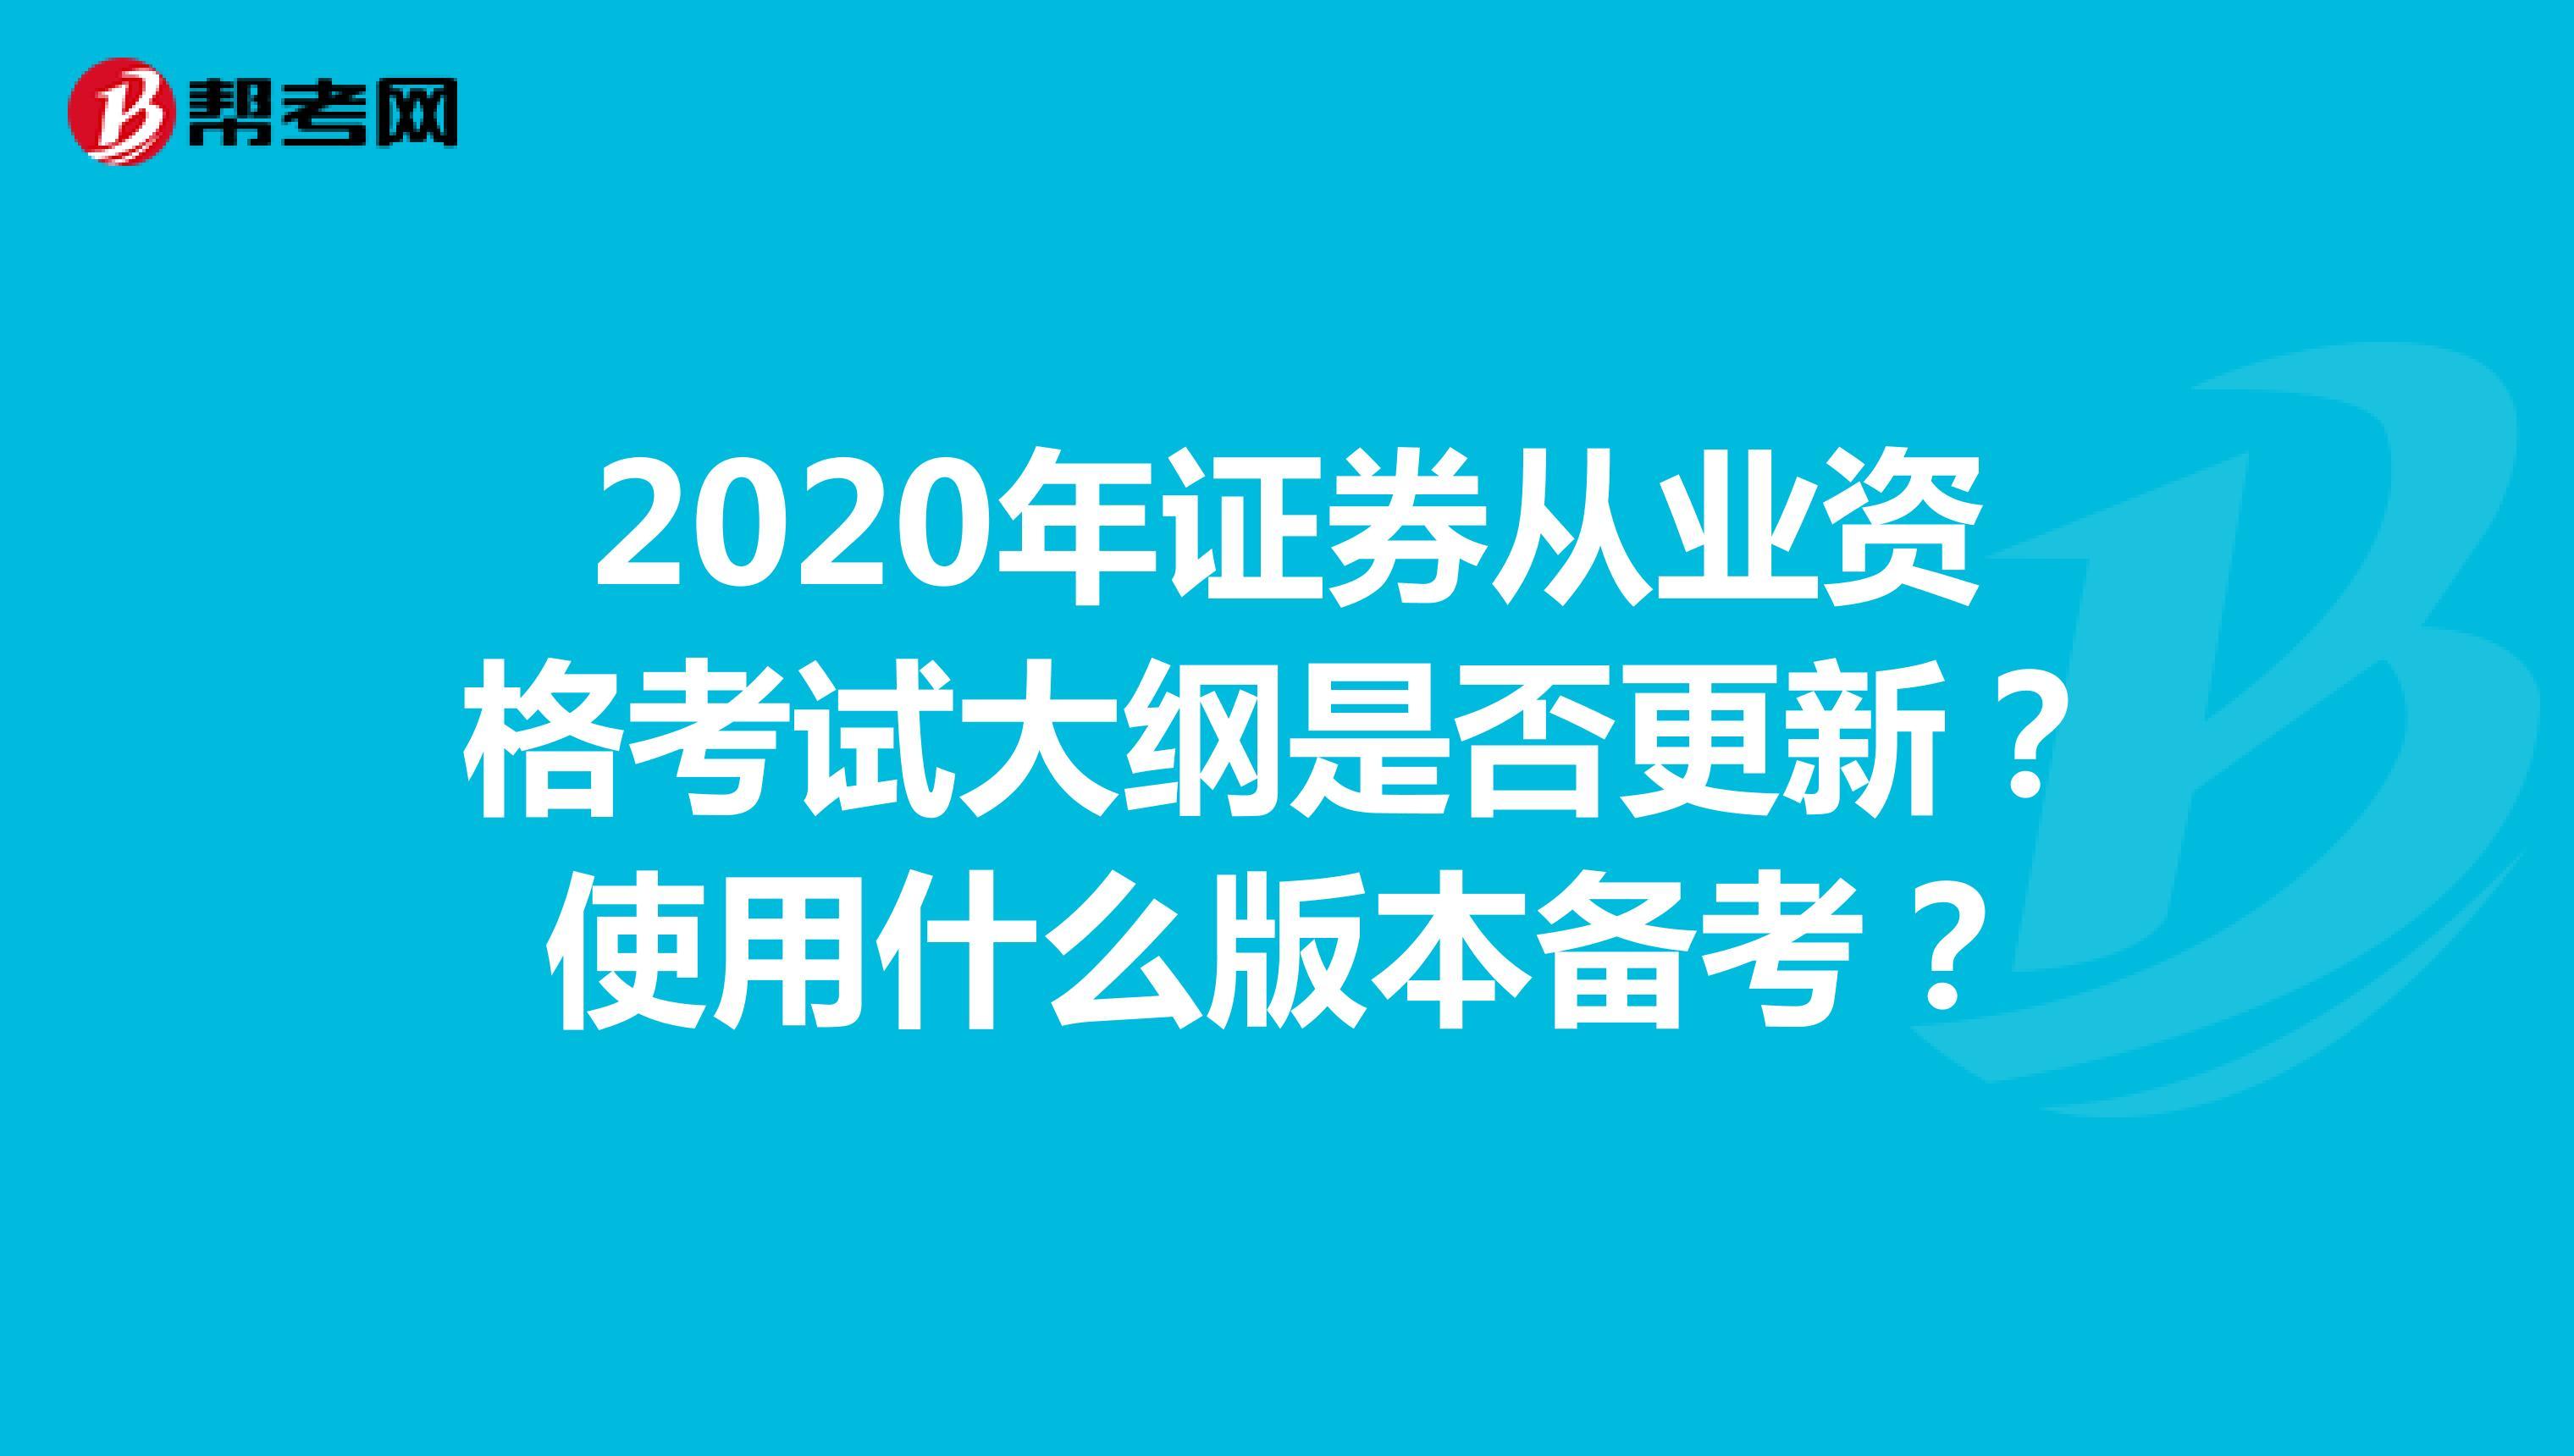 2020年证券从业资格考试大纲是否更新?使用什么版本备考?